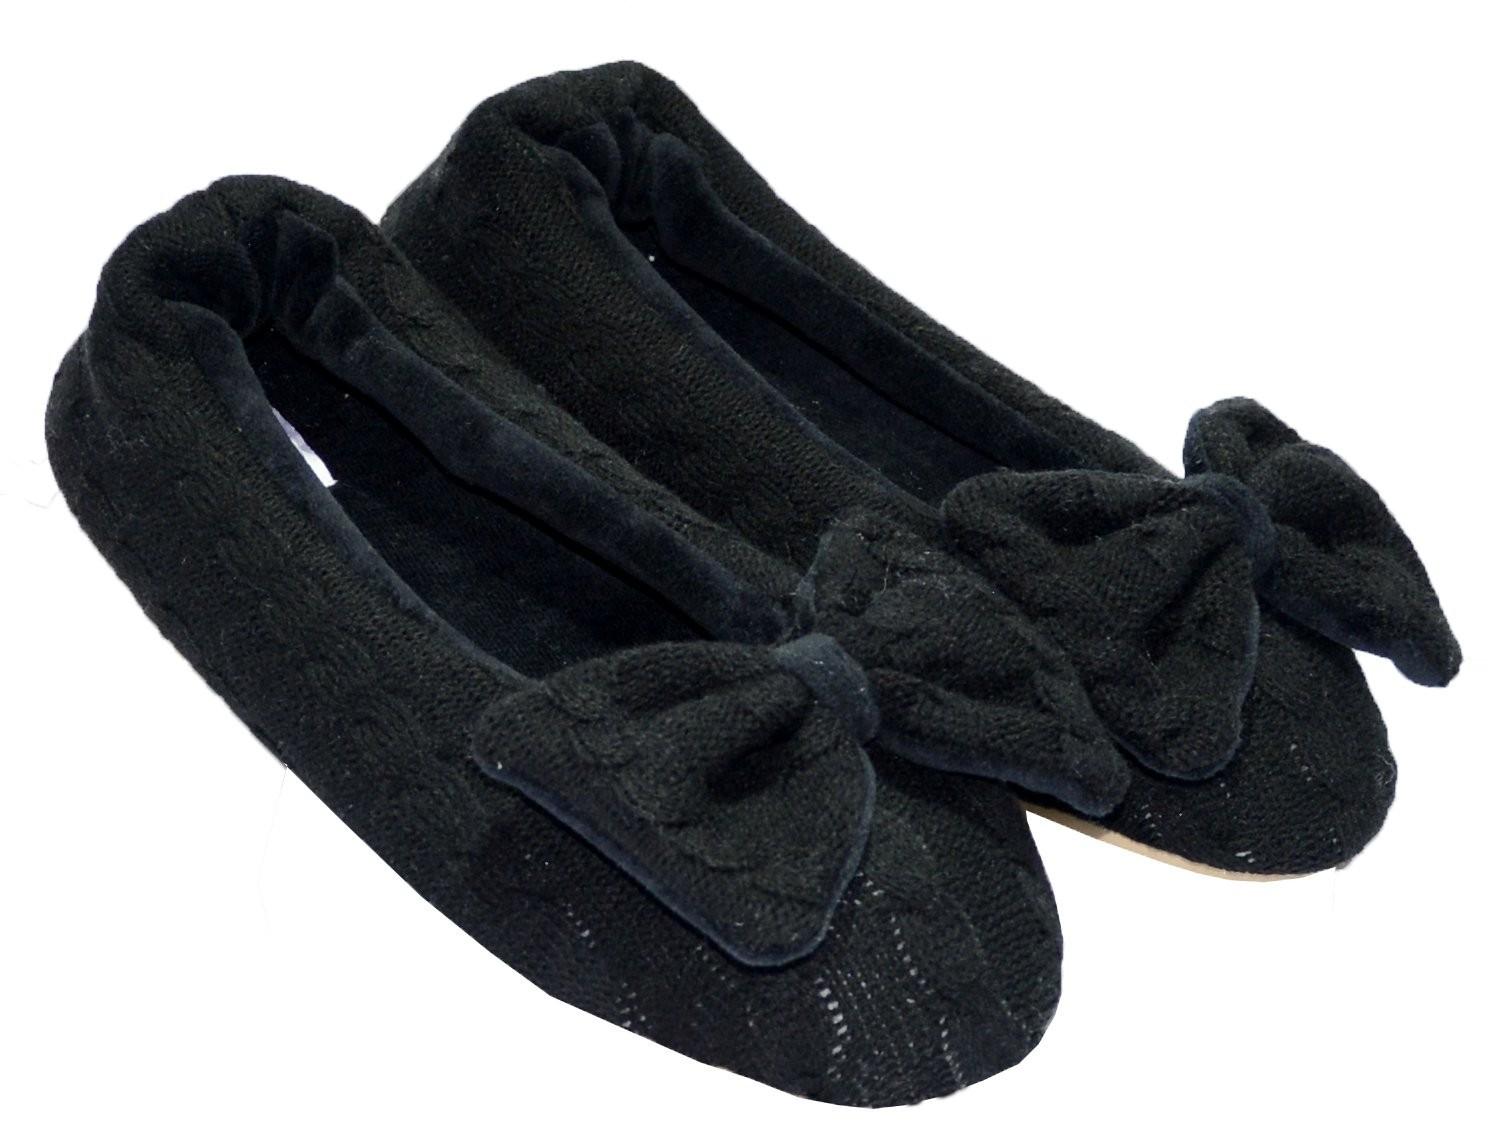 Sapatilha Feminina Vairelli Inverno em Plush com Tricot ST Super Confortável